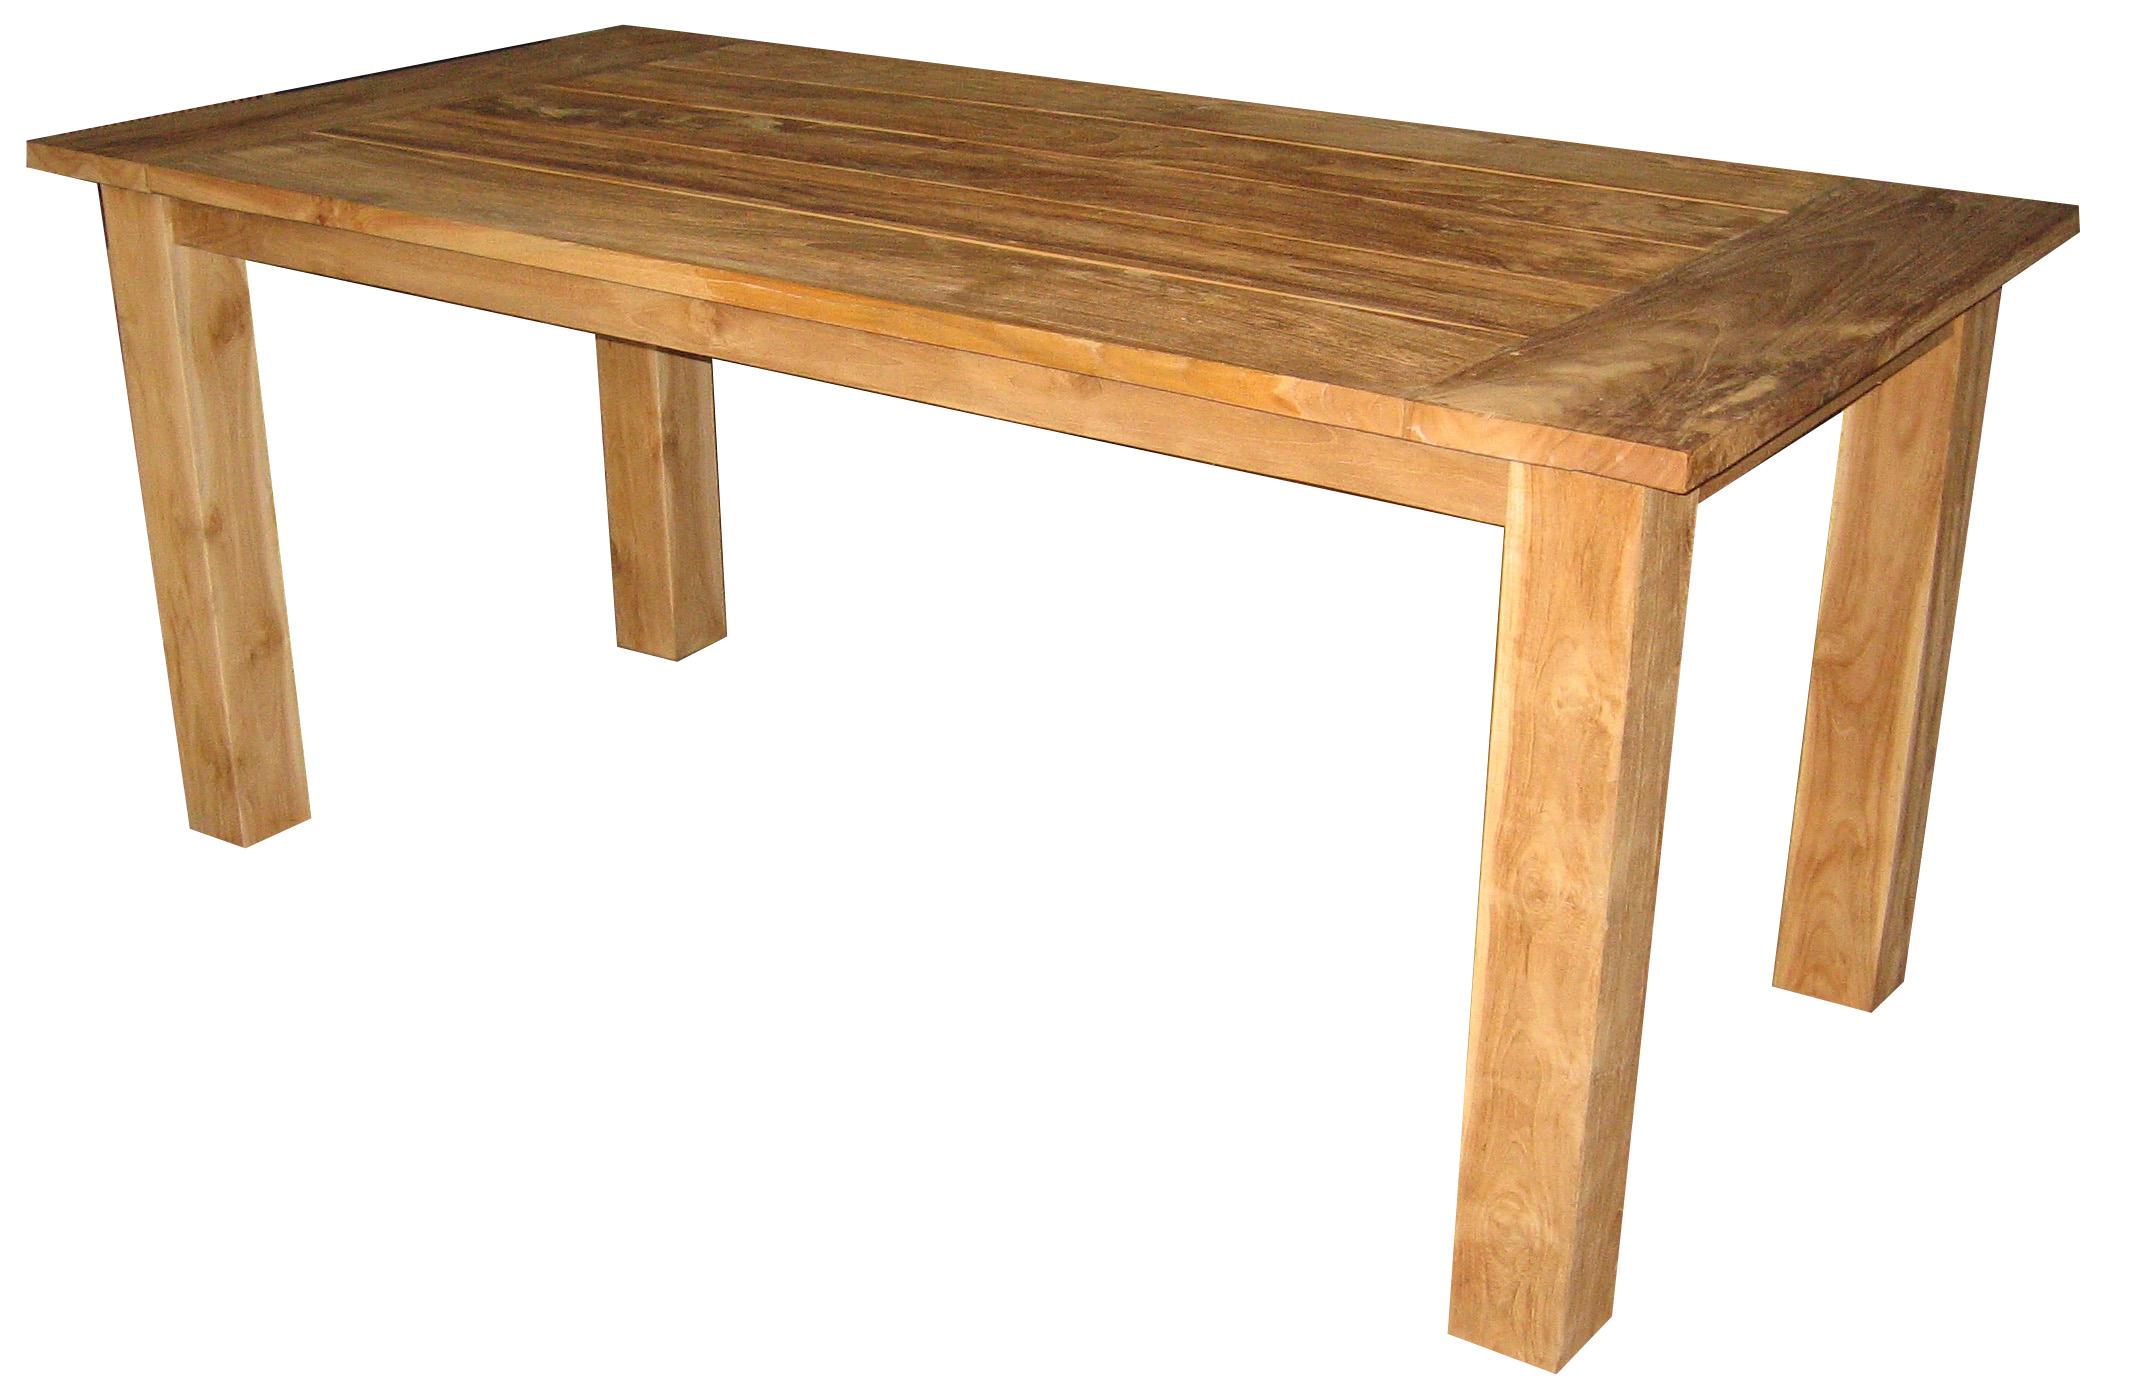 tavoli da giardino in legno bianco ~ ulicam.net = varie forme di ... - Disegni Per Tavolo Da Giardino